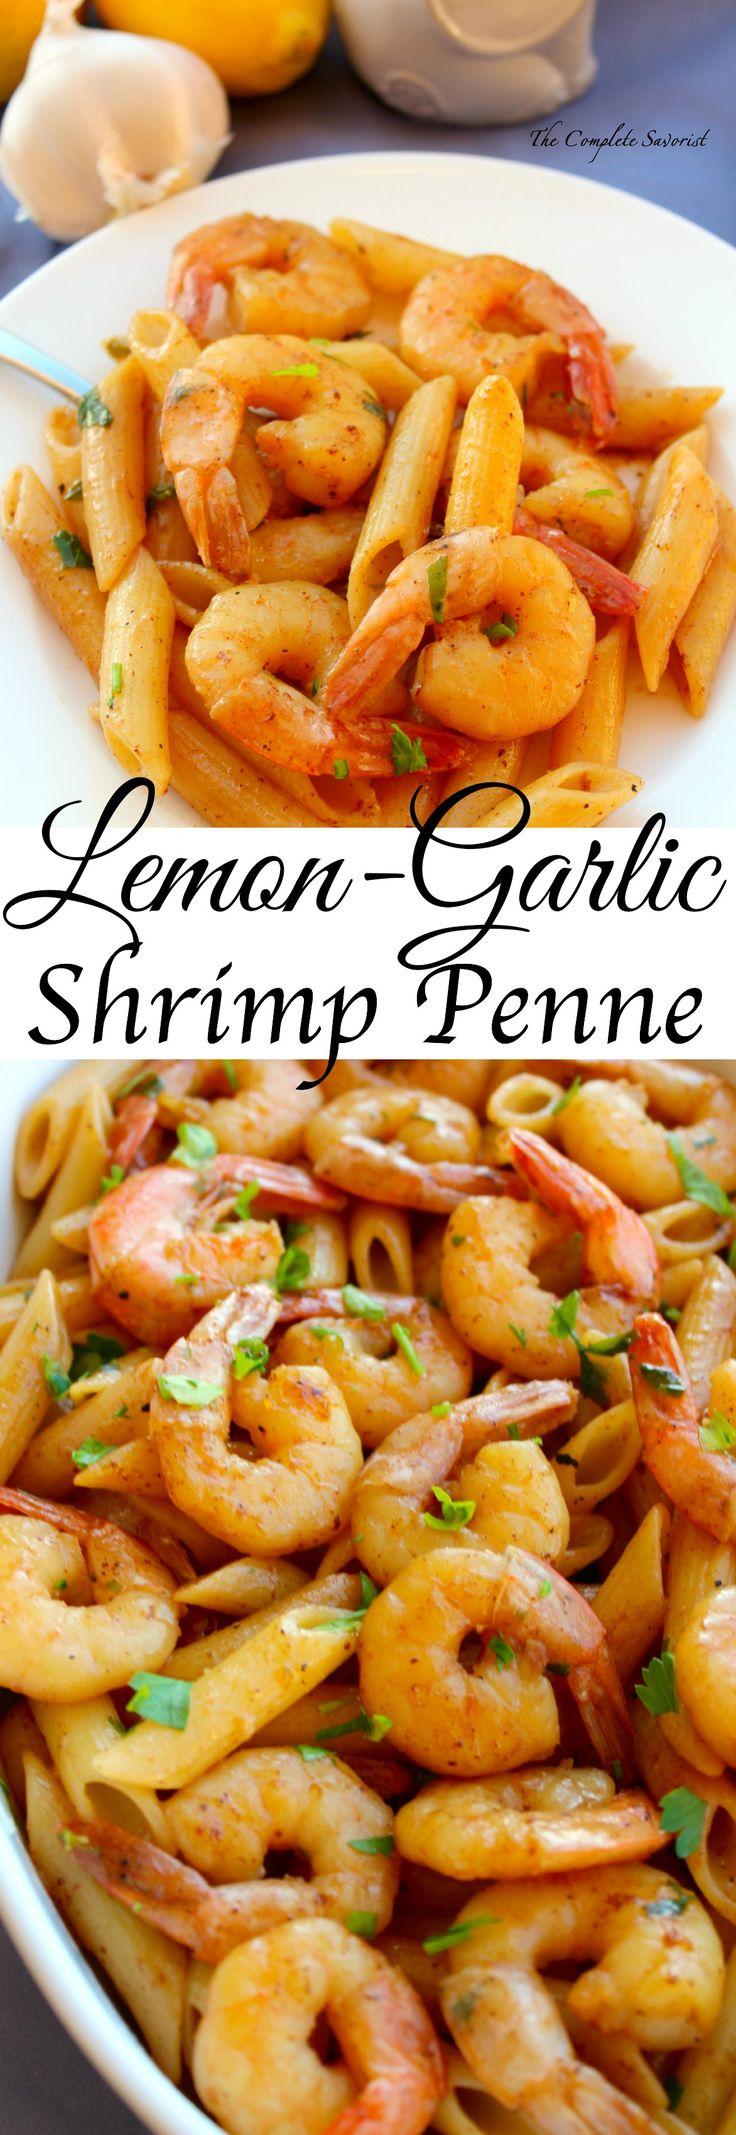 Lemon Garlic Shrimp Penne ~ Shrimp sautéed in butter, lemon, and garlic tossed with penne. ~ The Complete Savorist